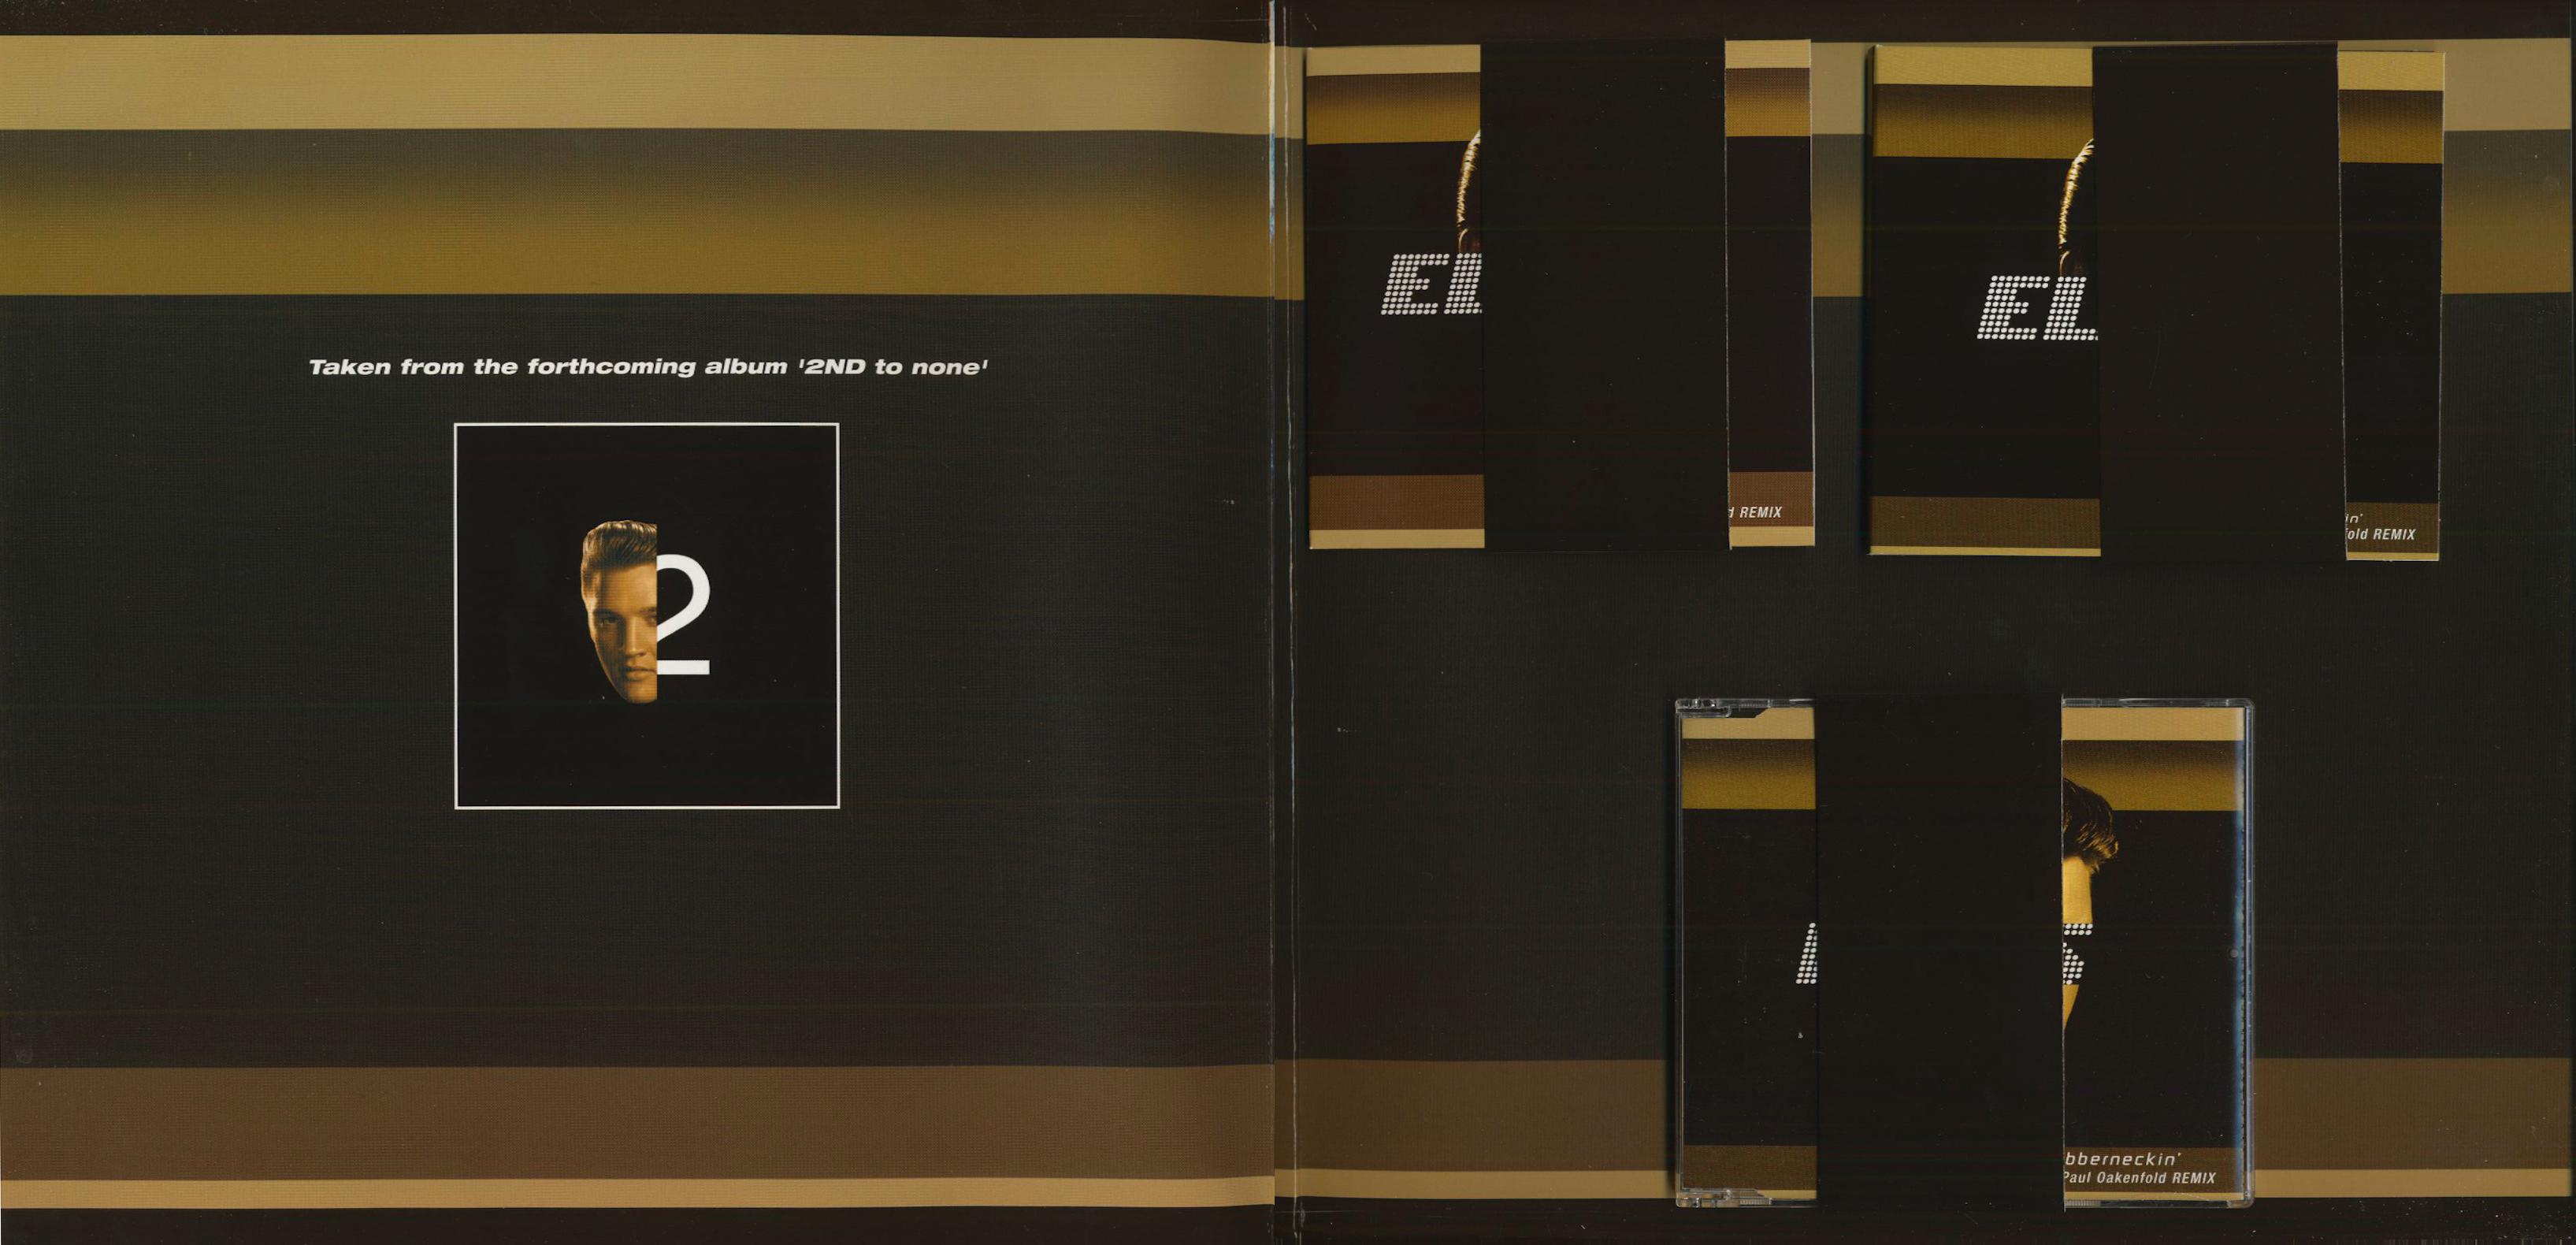 d57913e0522c ... Preview  Rubberneckin  - The Single Collection (3-CD+Vinyl 12inch Maxi